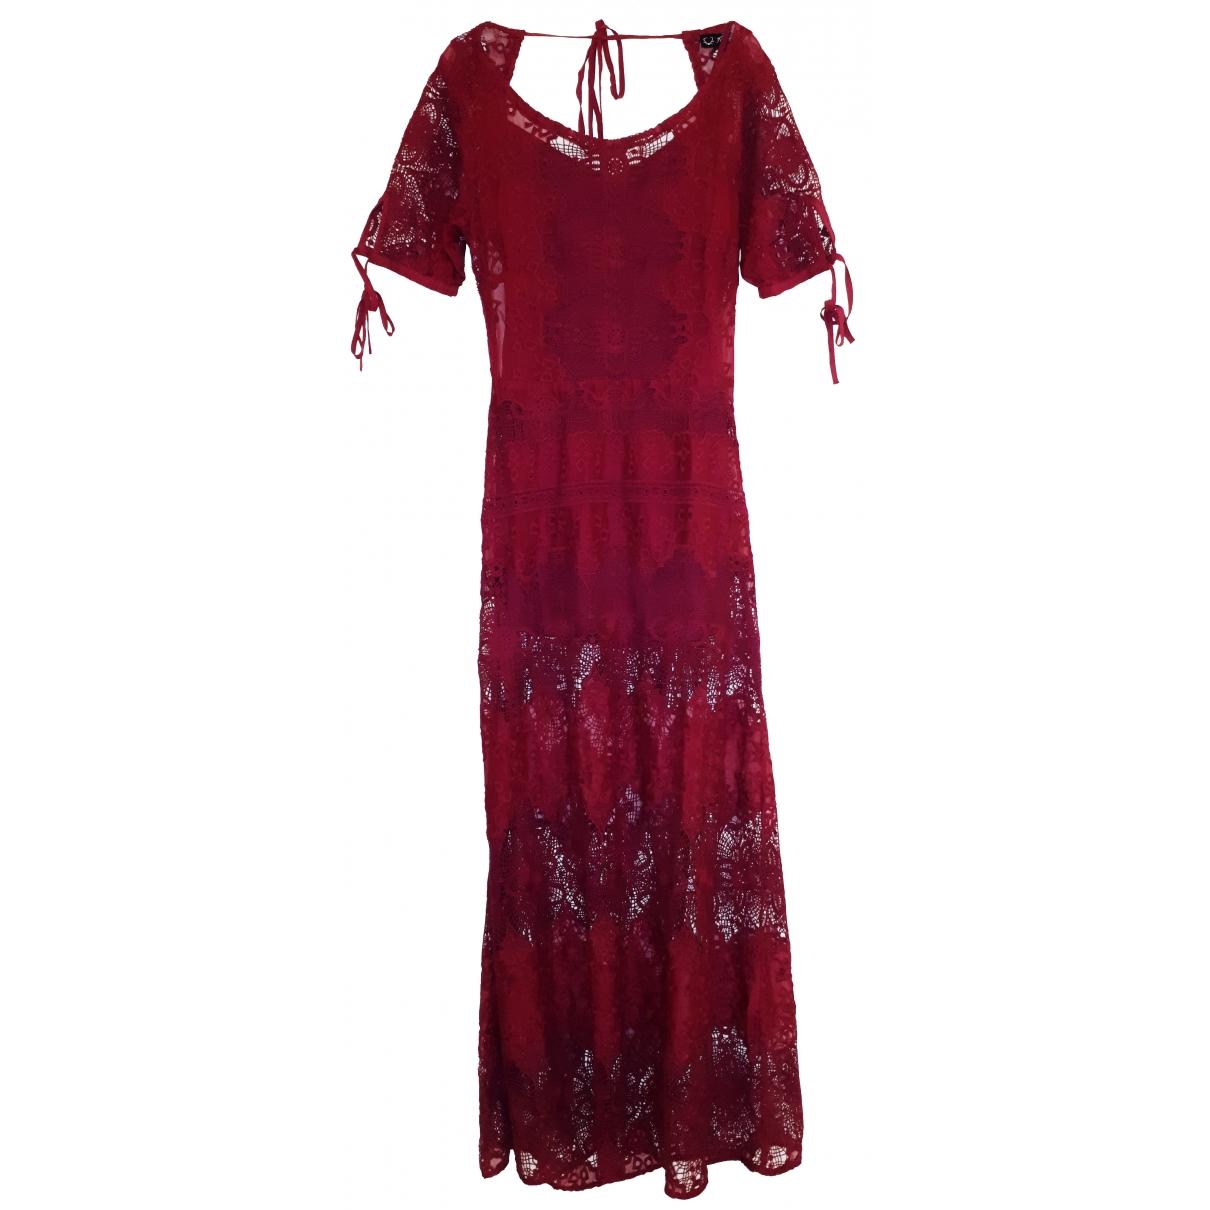 For Love & Lemons \N Red Lace dress for Women M International